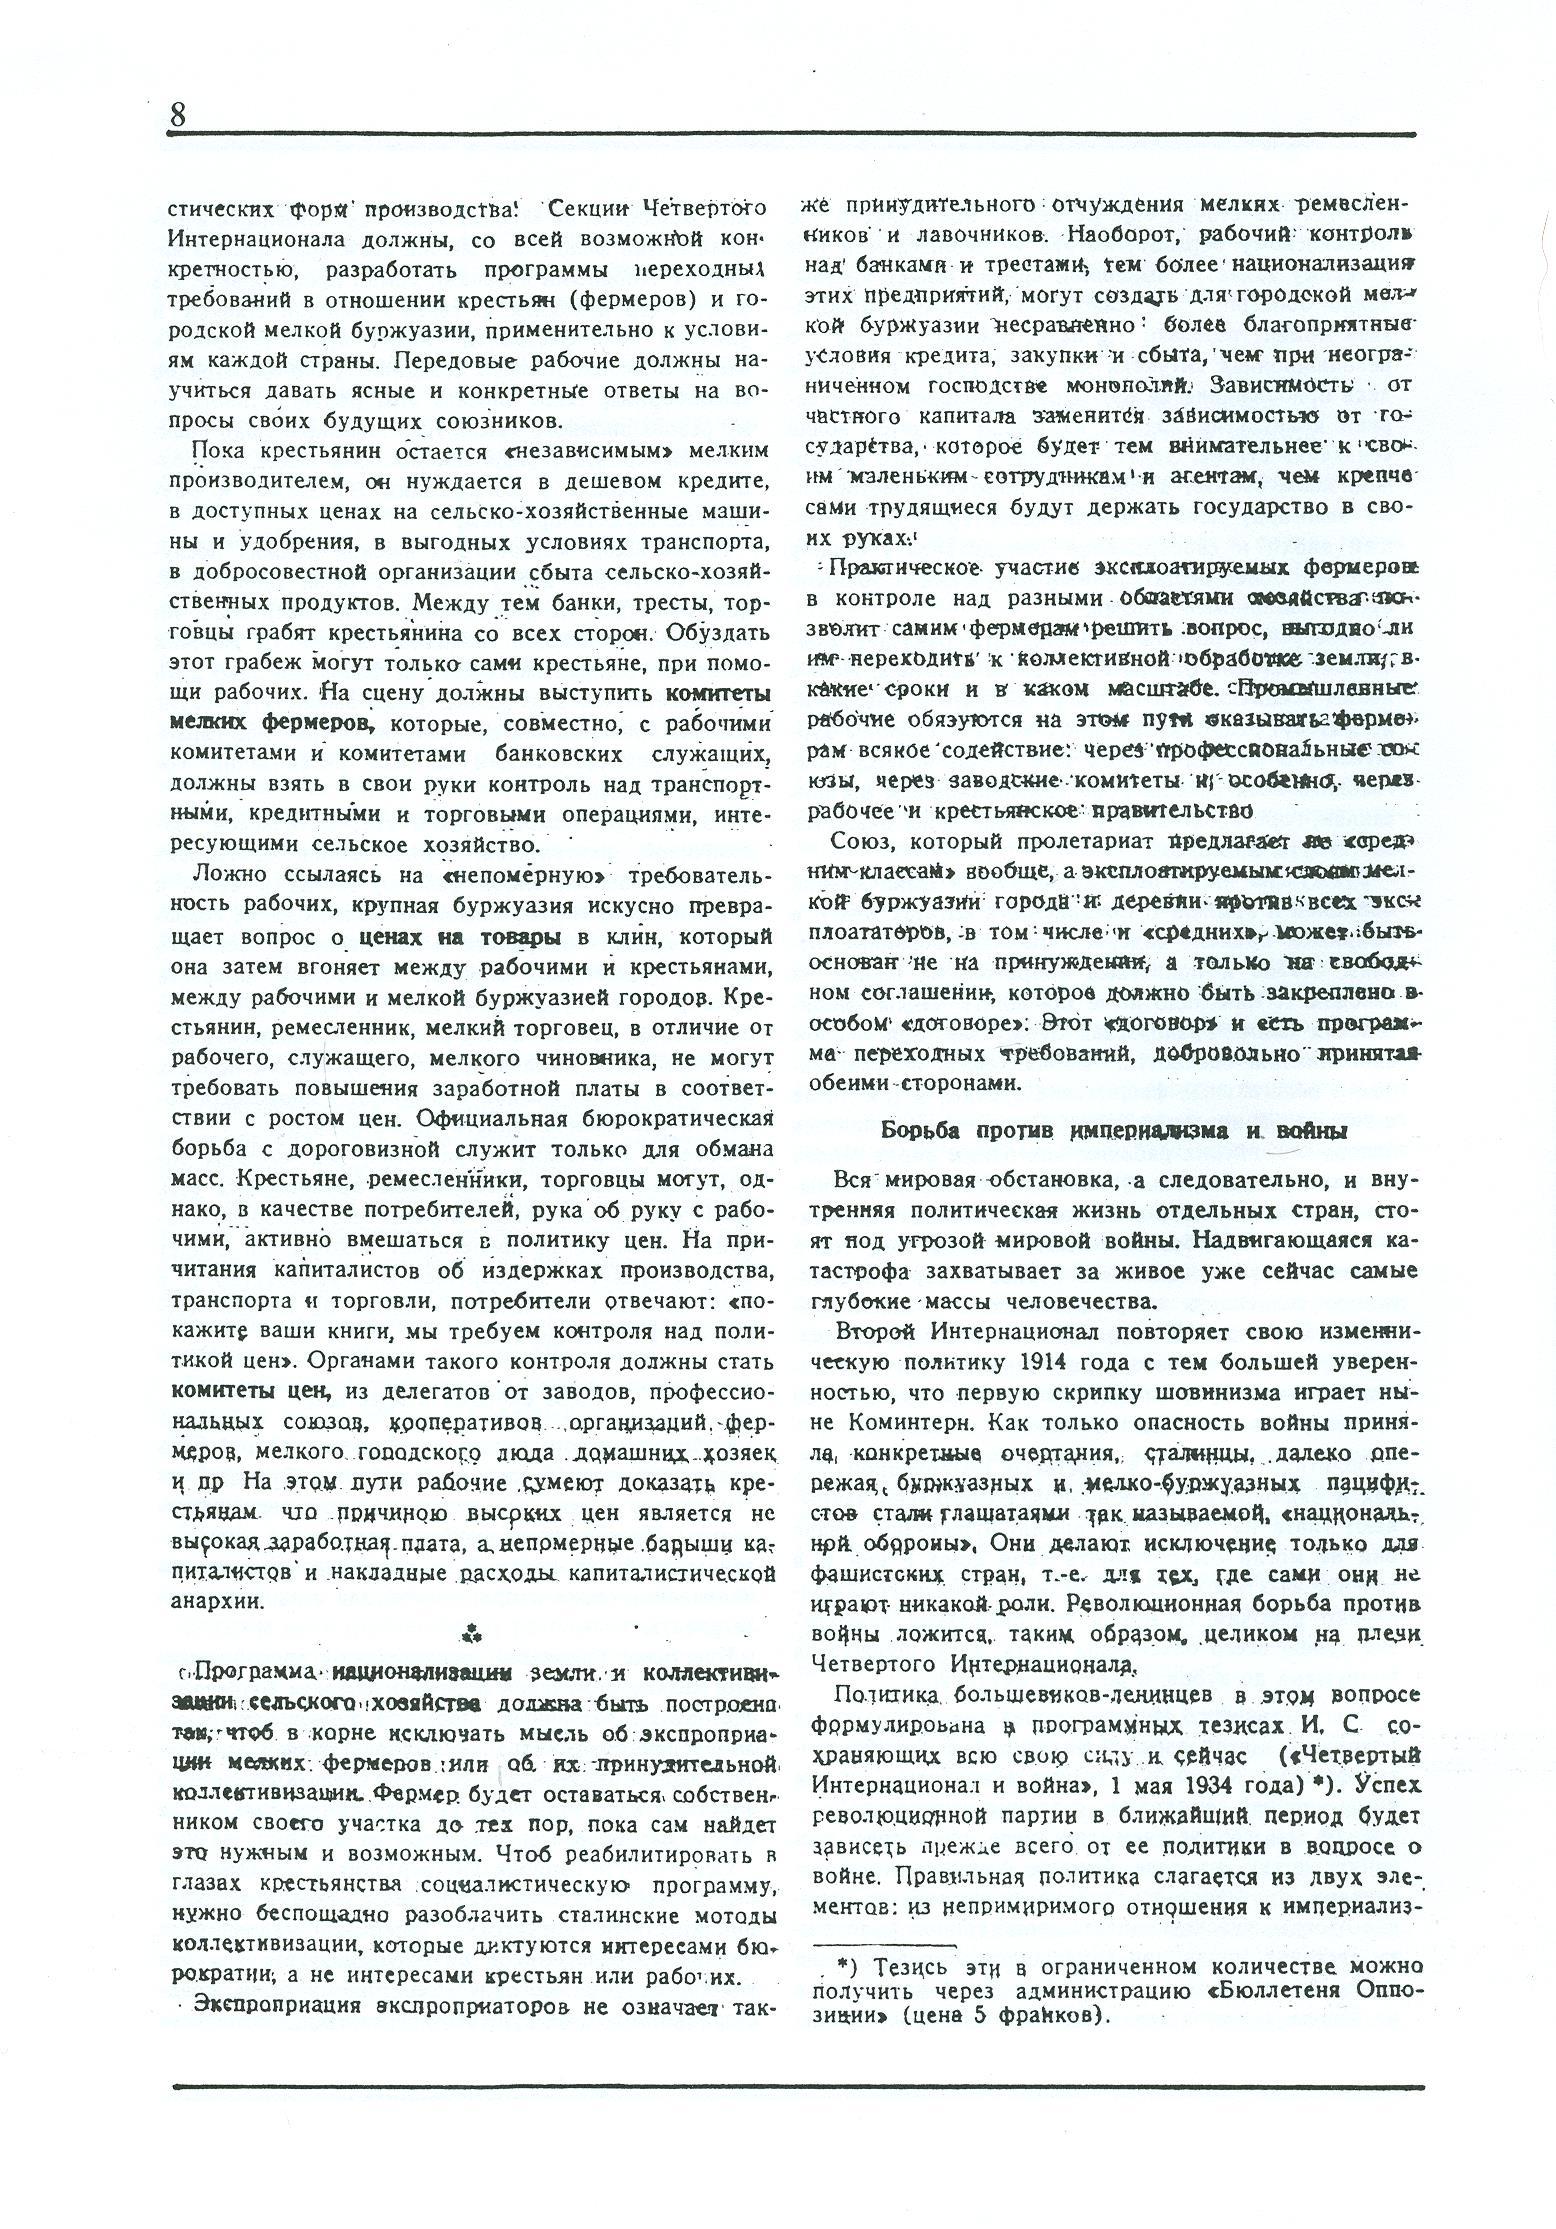 Dagli archivi del bolscevismo n. 1 (marzo 1986) - pag. 8